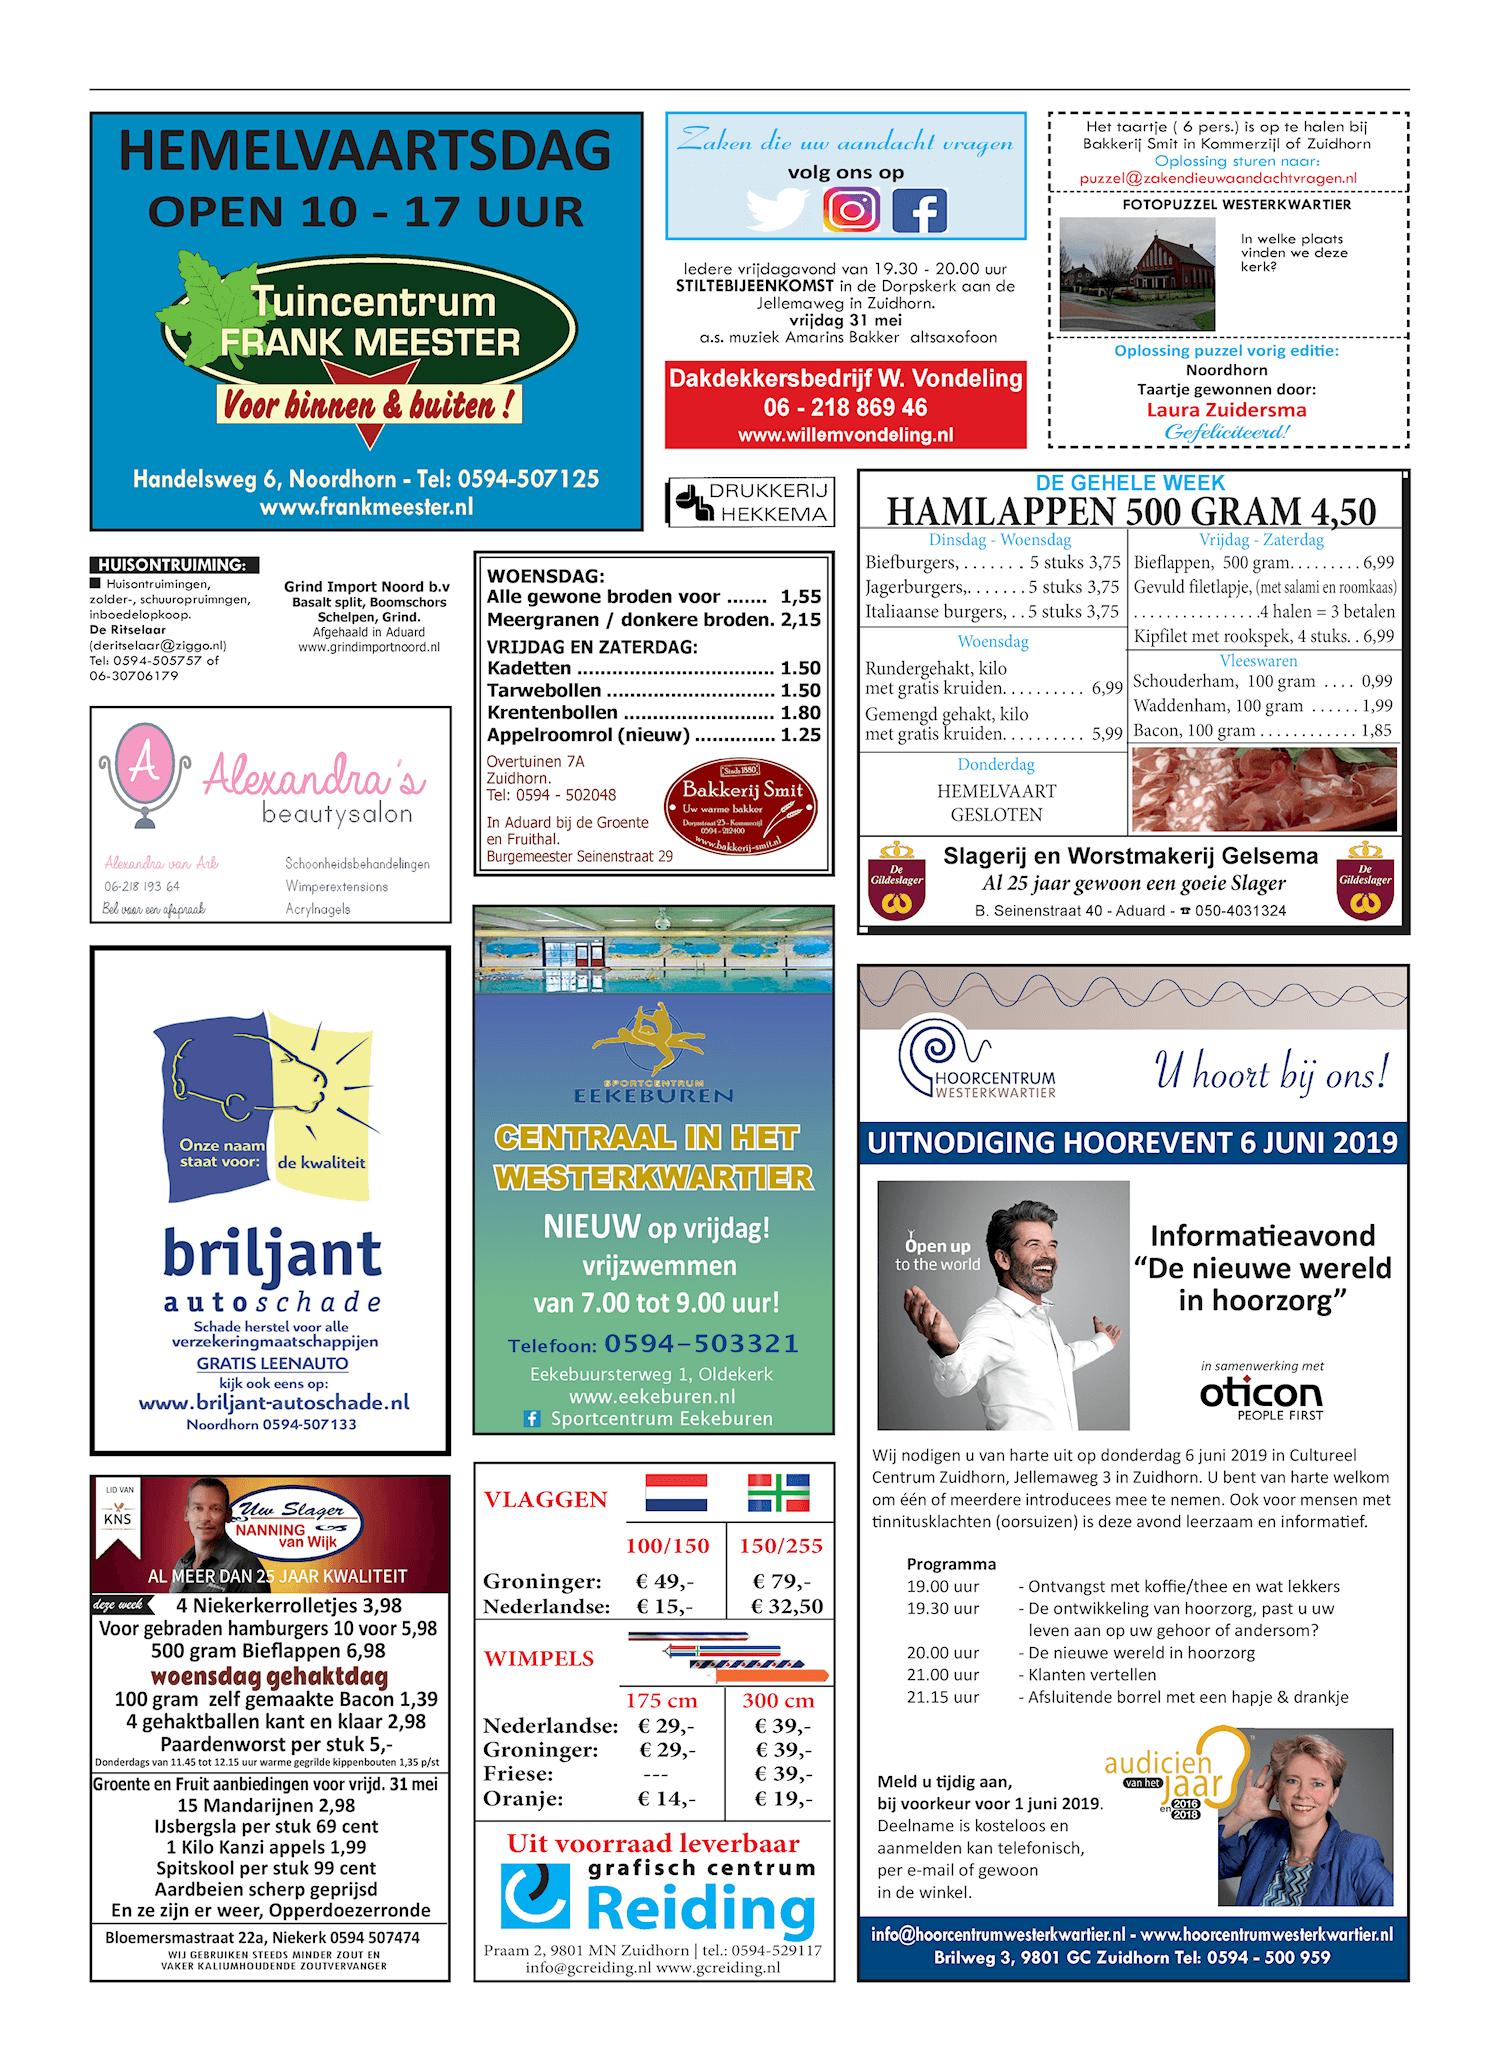 Drukkerij Hekkema - Zuidhorn - Zaken die uw aandacht vragen 2019 week 22